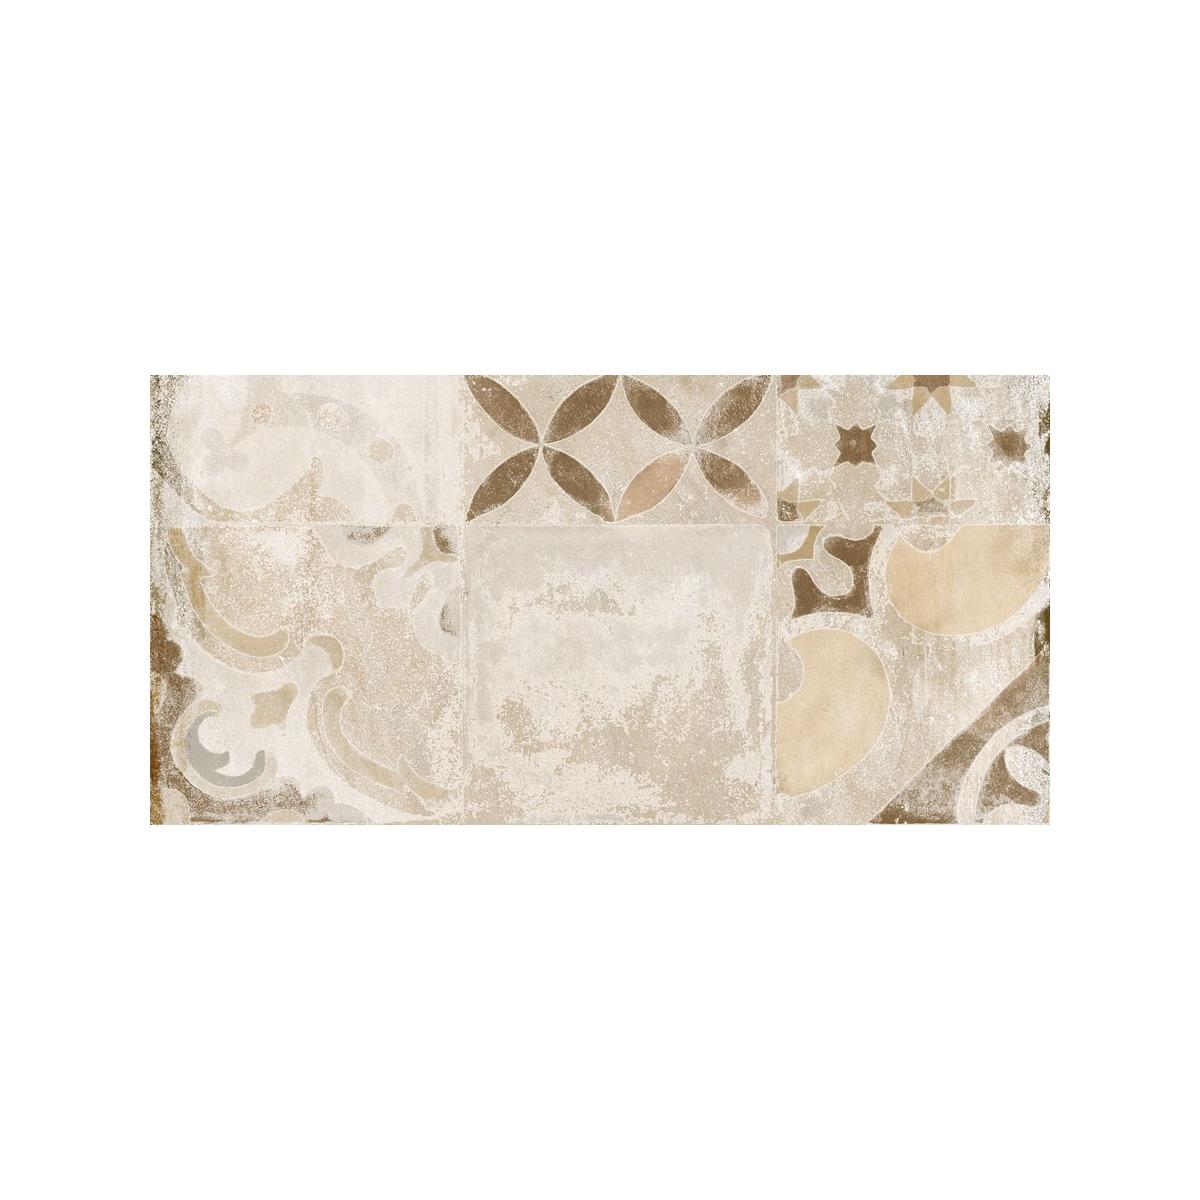 Alhamar Tabica Clay 15 x 33 cm